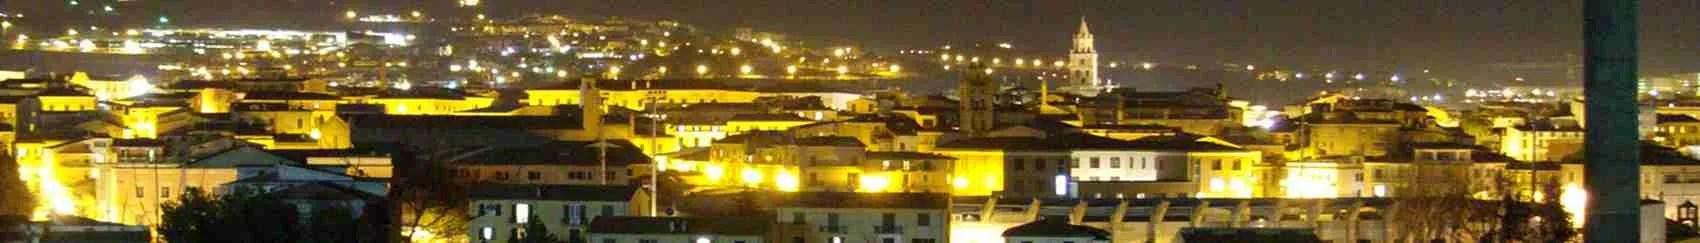 Le escort Teramo possono godersi un panorama mozzafiato della città al tramonto della sera.